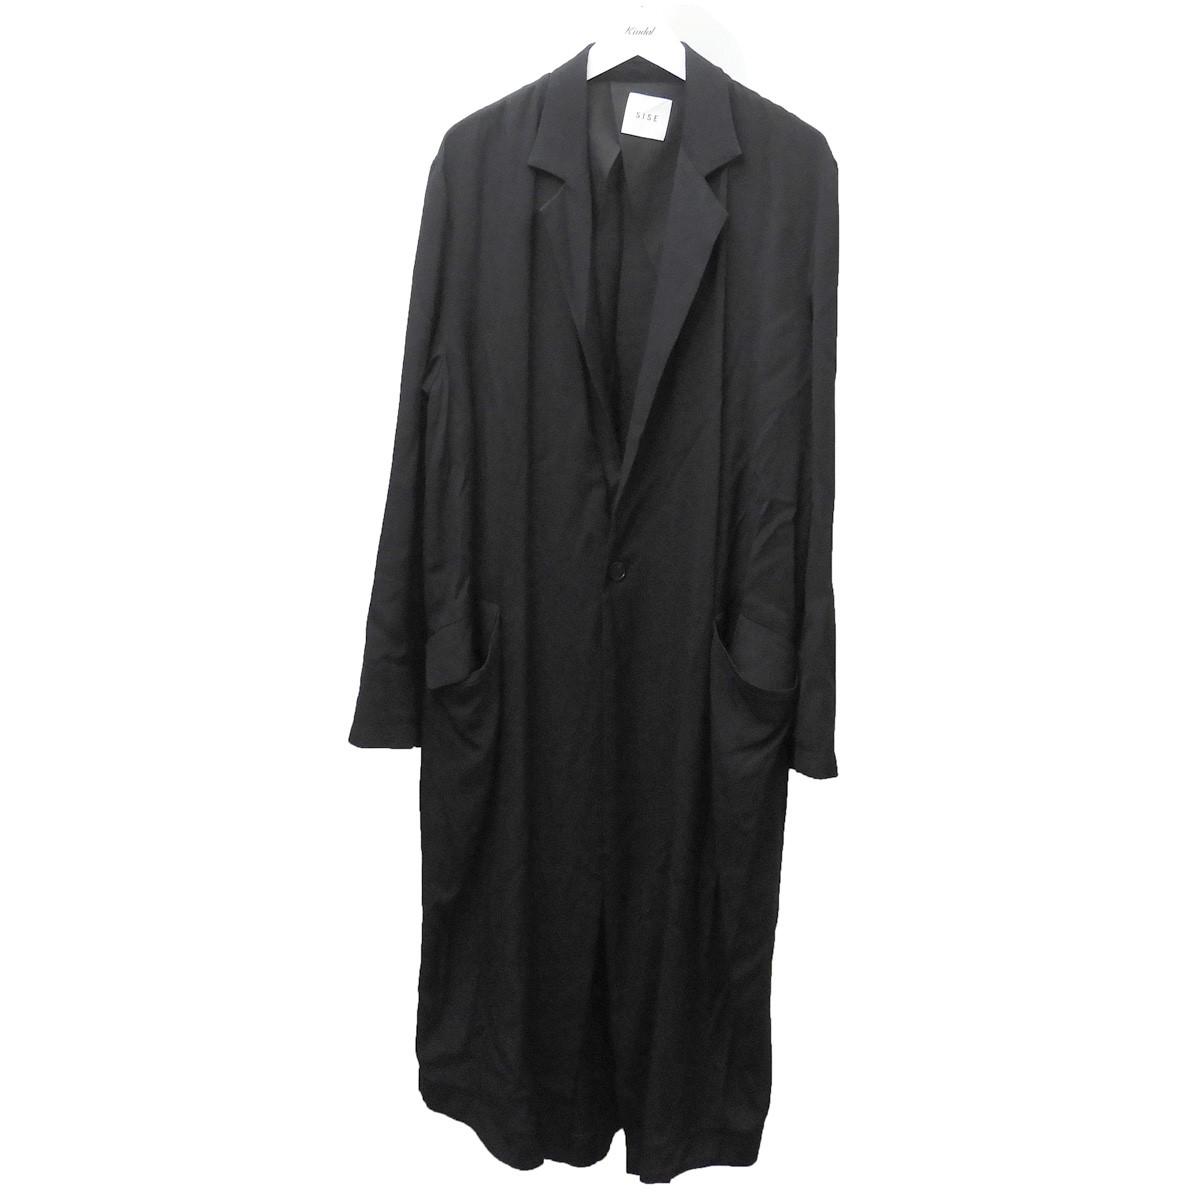 【中古】Sise 2019SS ロングコート ブラック サイズ:1 【260620】(シセ)